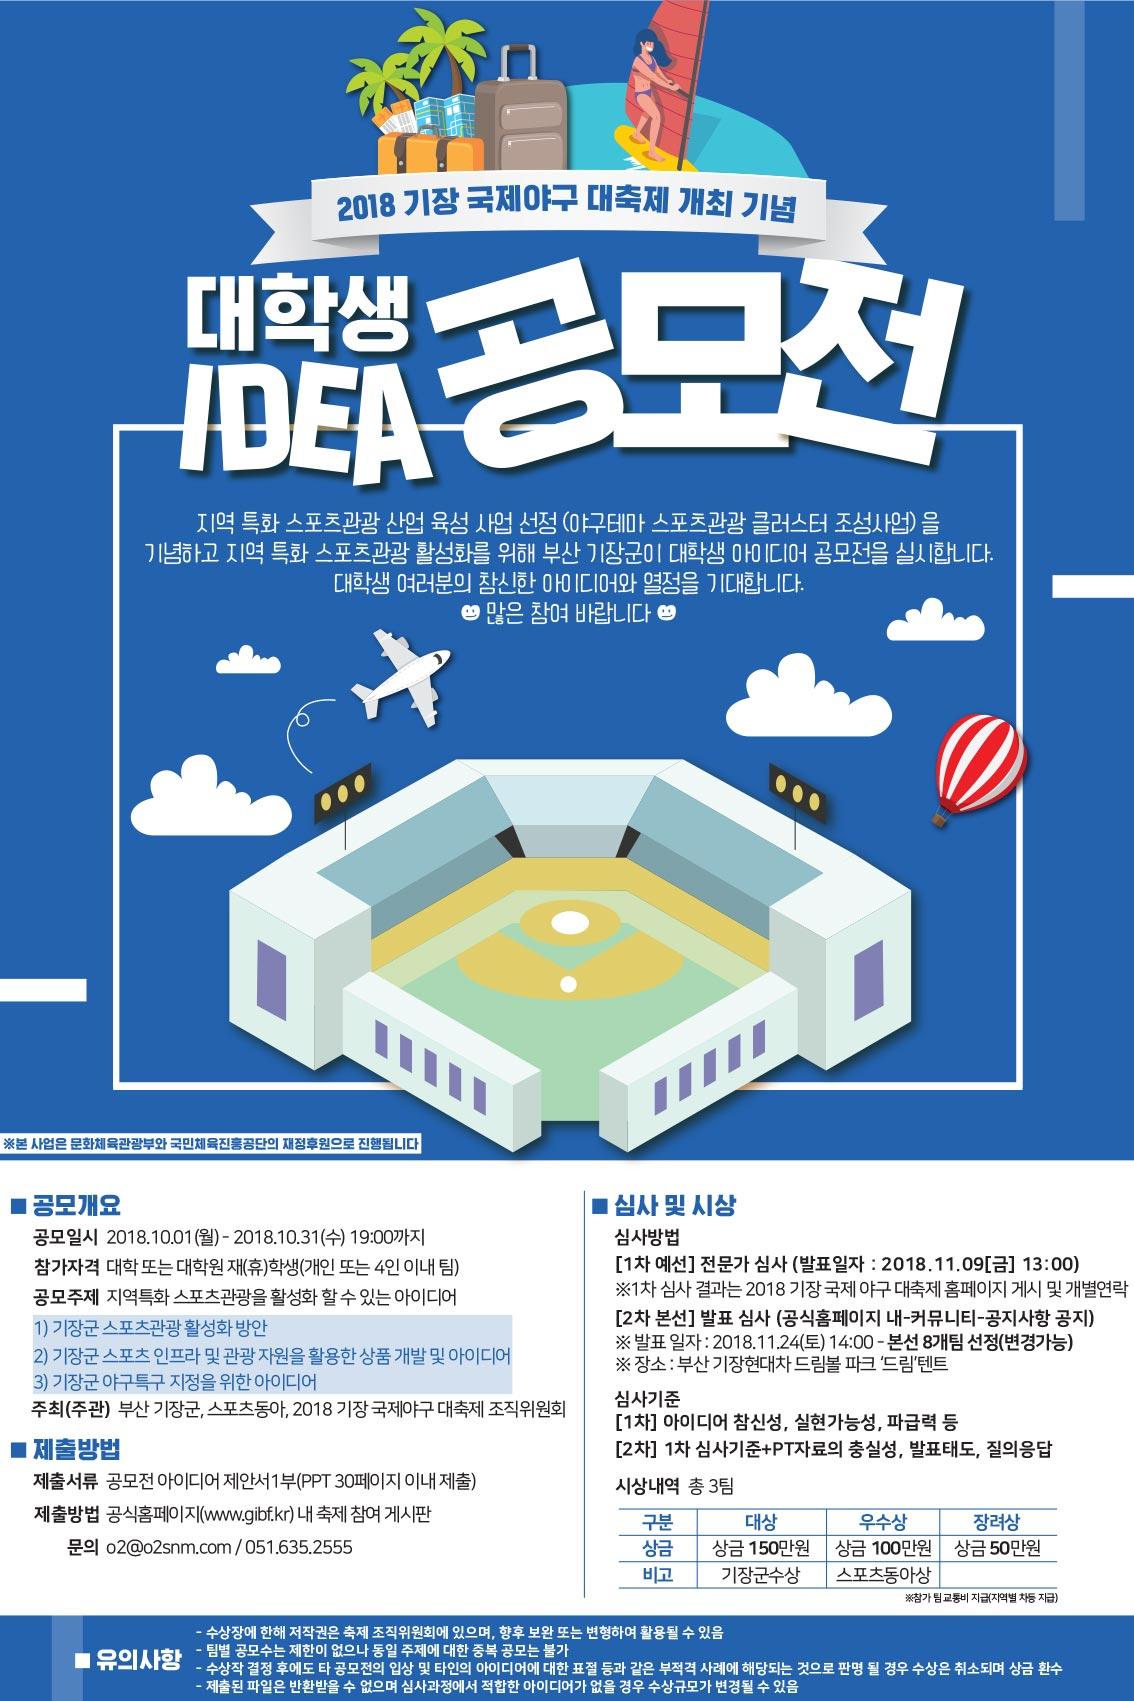 2018 기장 국제야구 대축제 대학생 아이디어 공모전